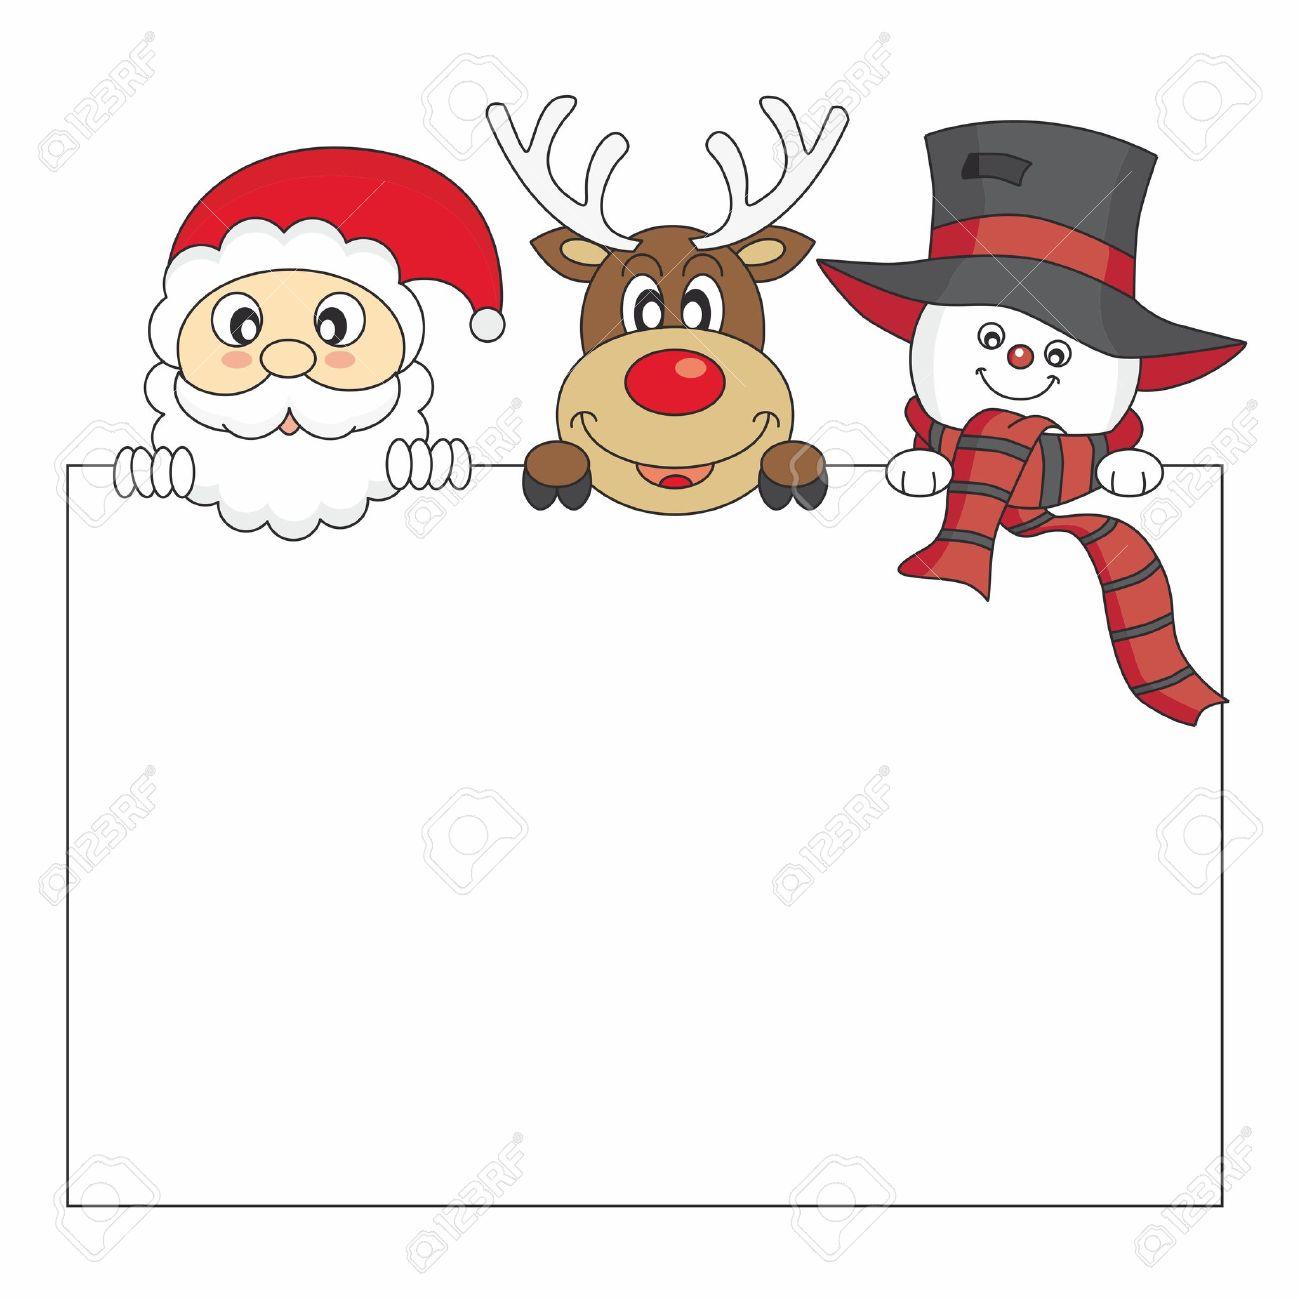 tarjeta de navidad divertida santa claus los renos y mueco de nieve sosteniendo un